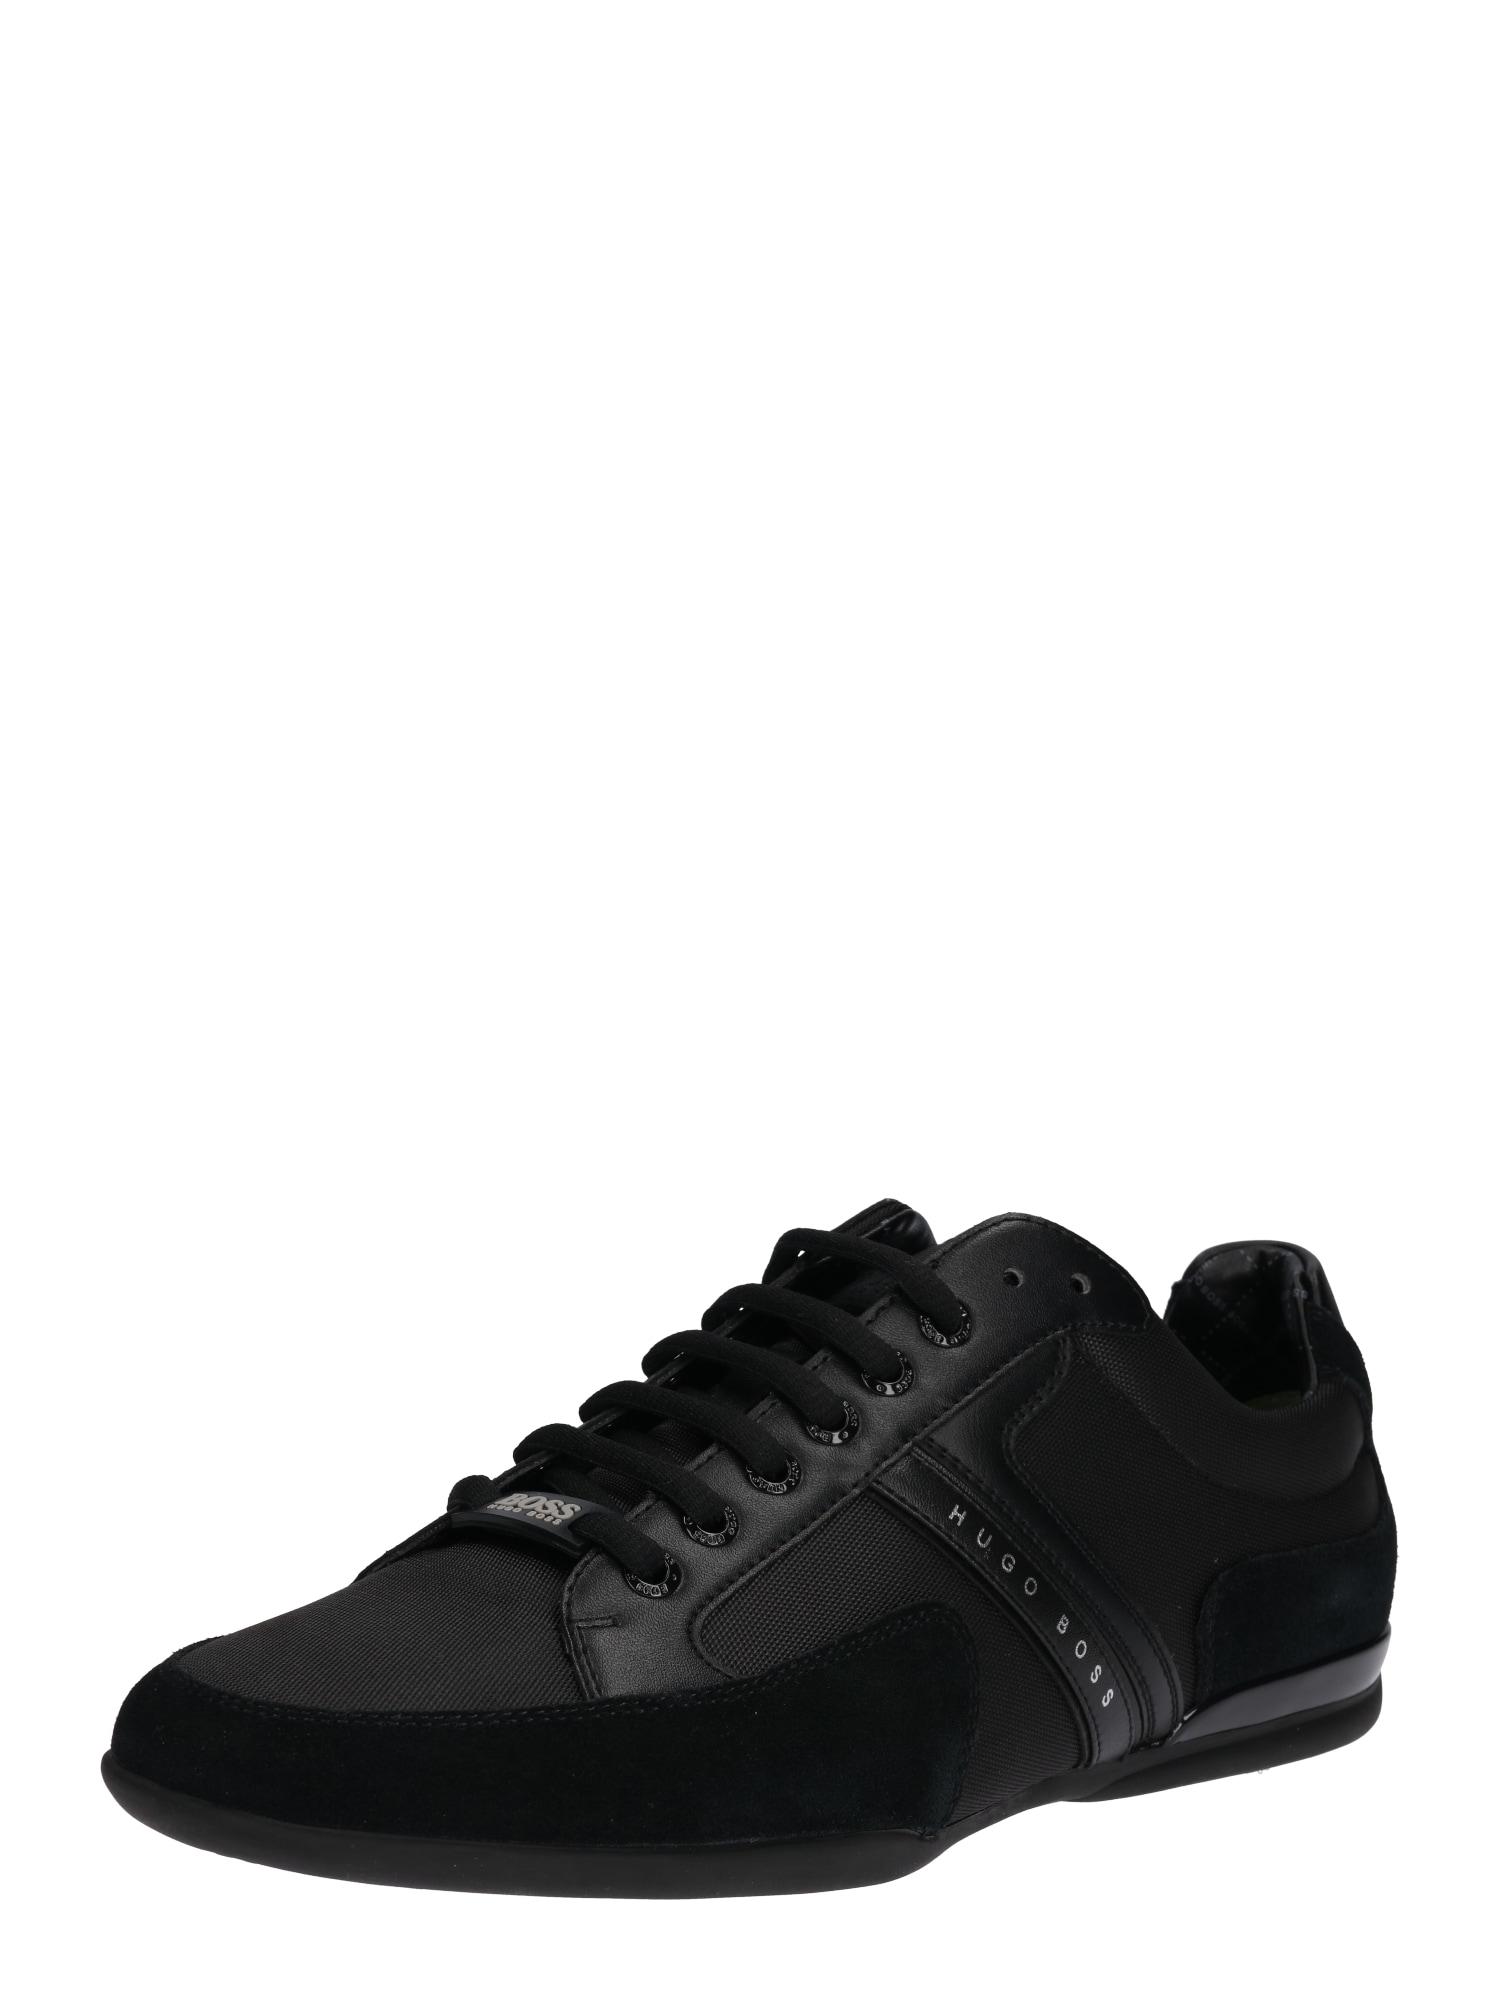 Sportovní šněrovací boty Spacit černá BOSS